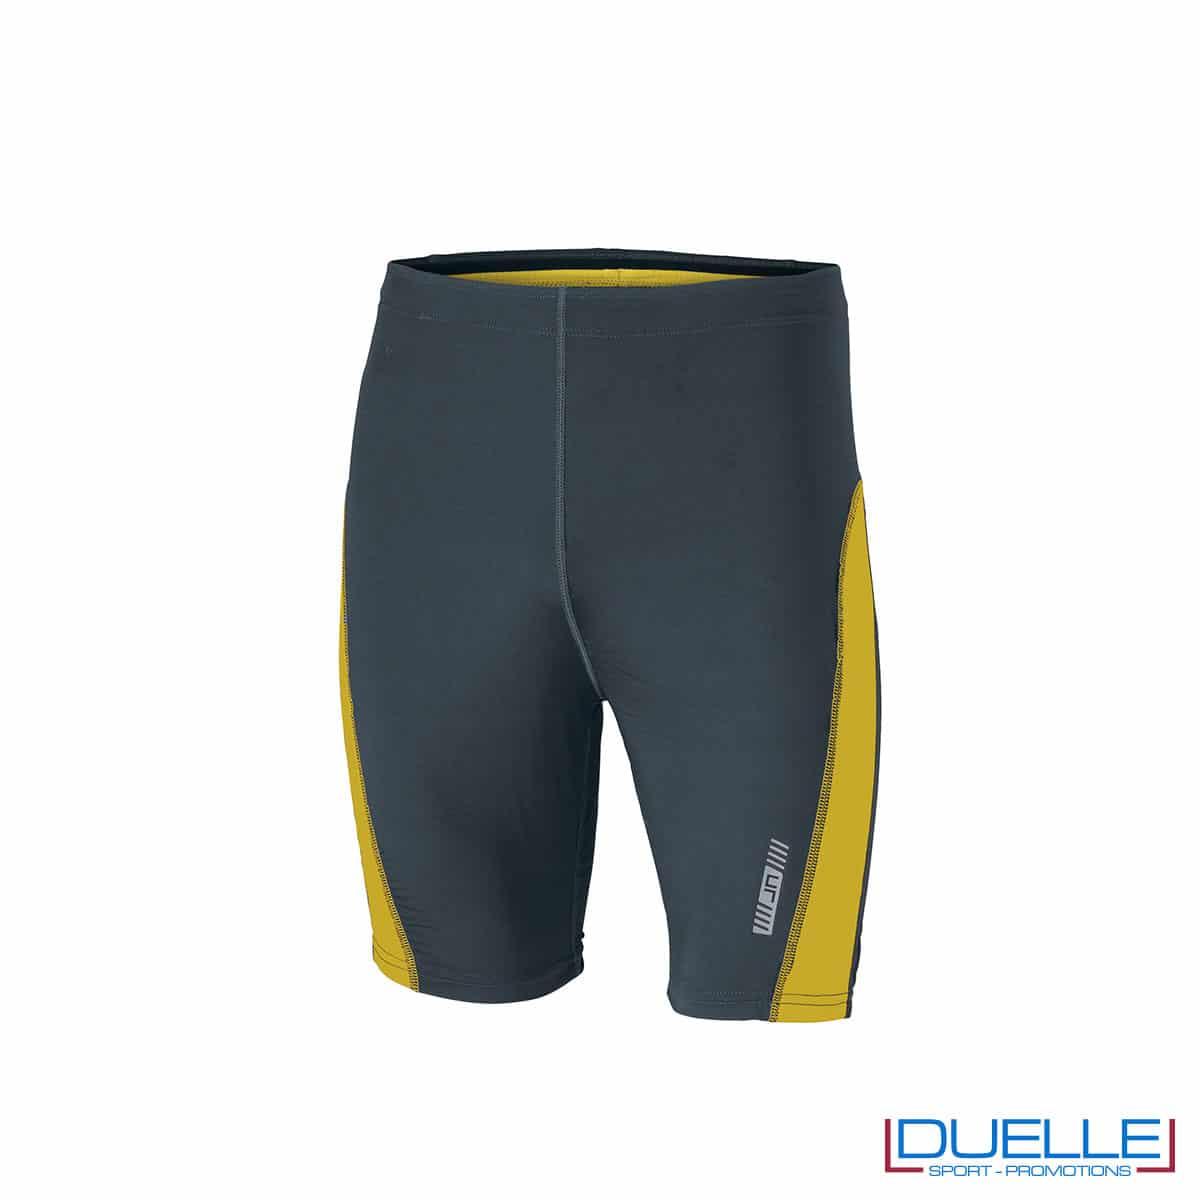 Pantaloncini running personalizzati colore antracite/giallo